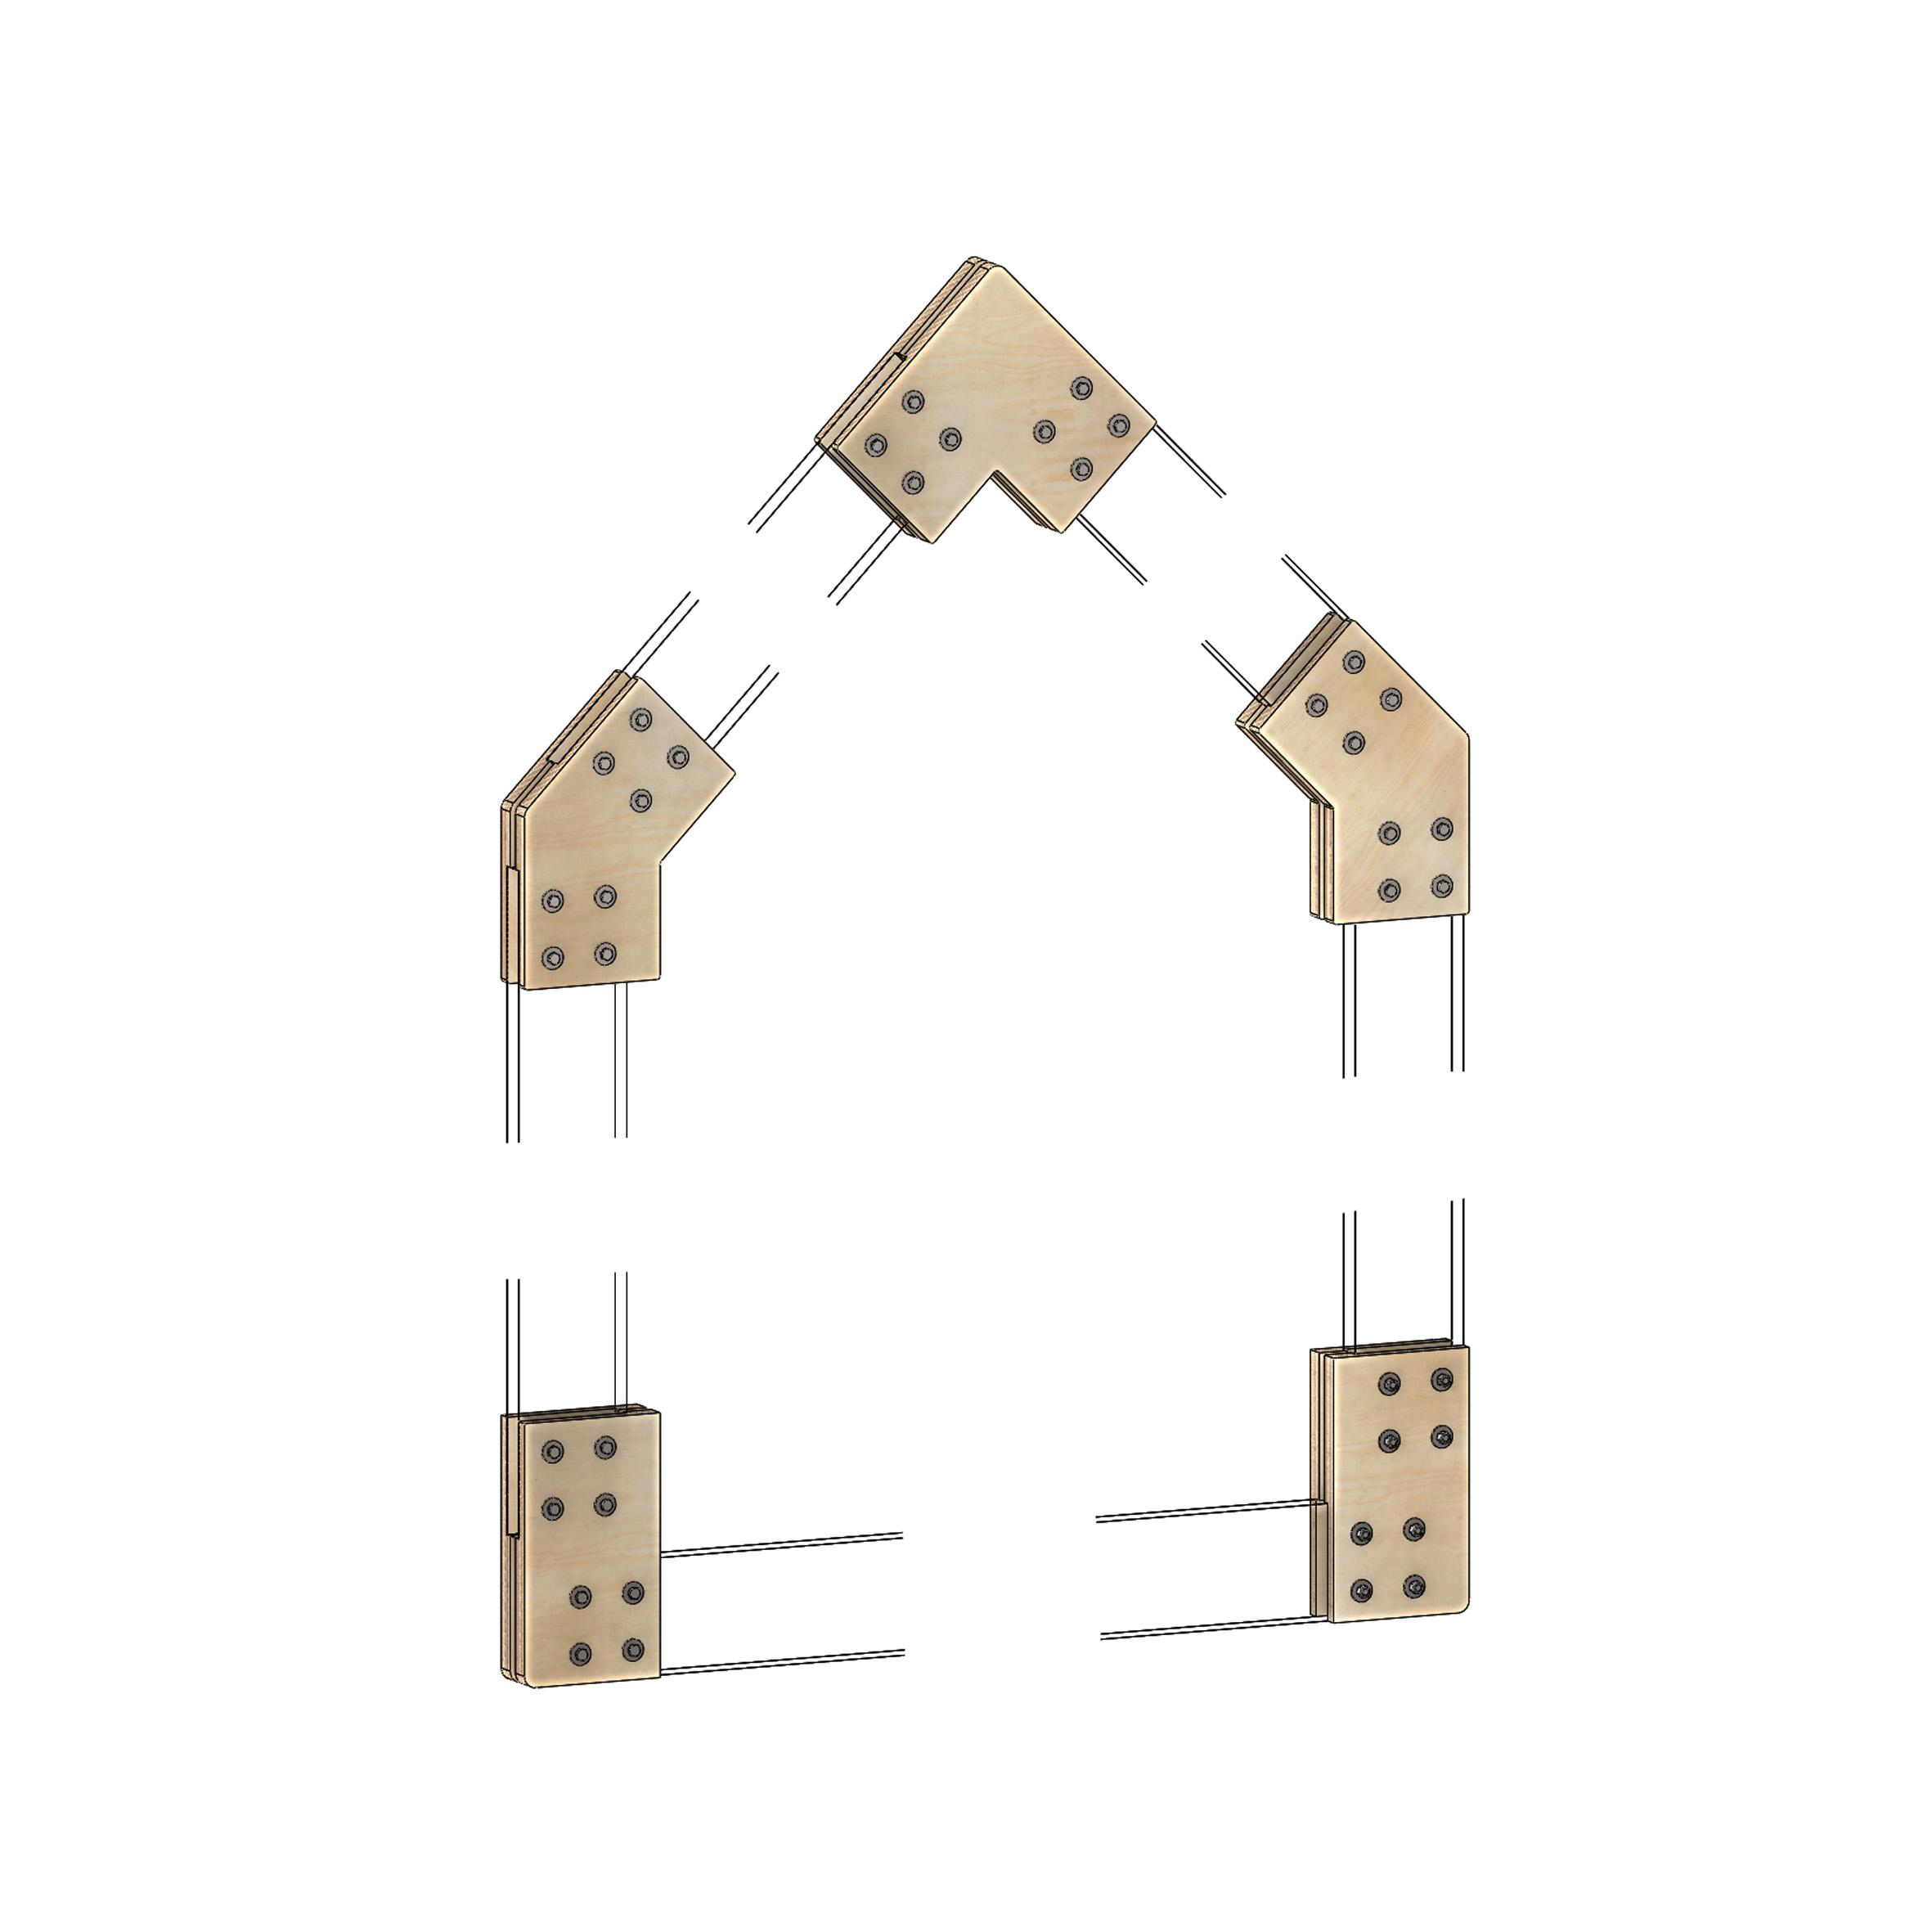 Connecteurs d'assemblage maison V 200. 01 (4)